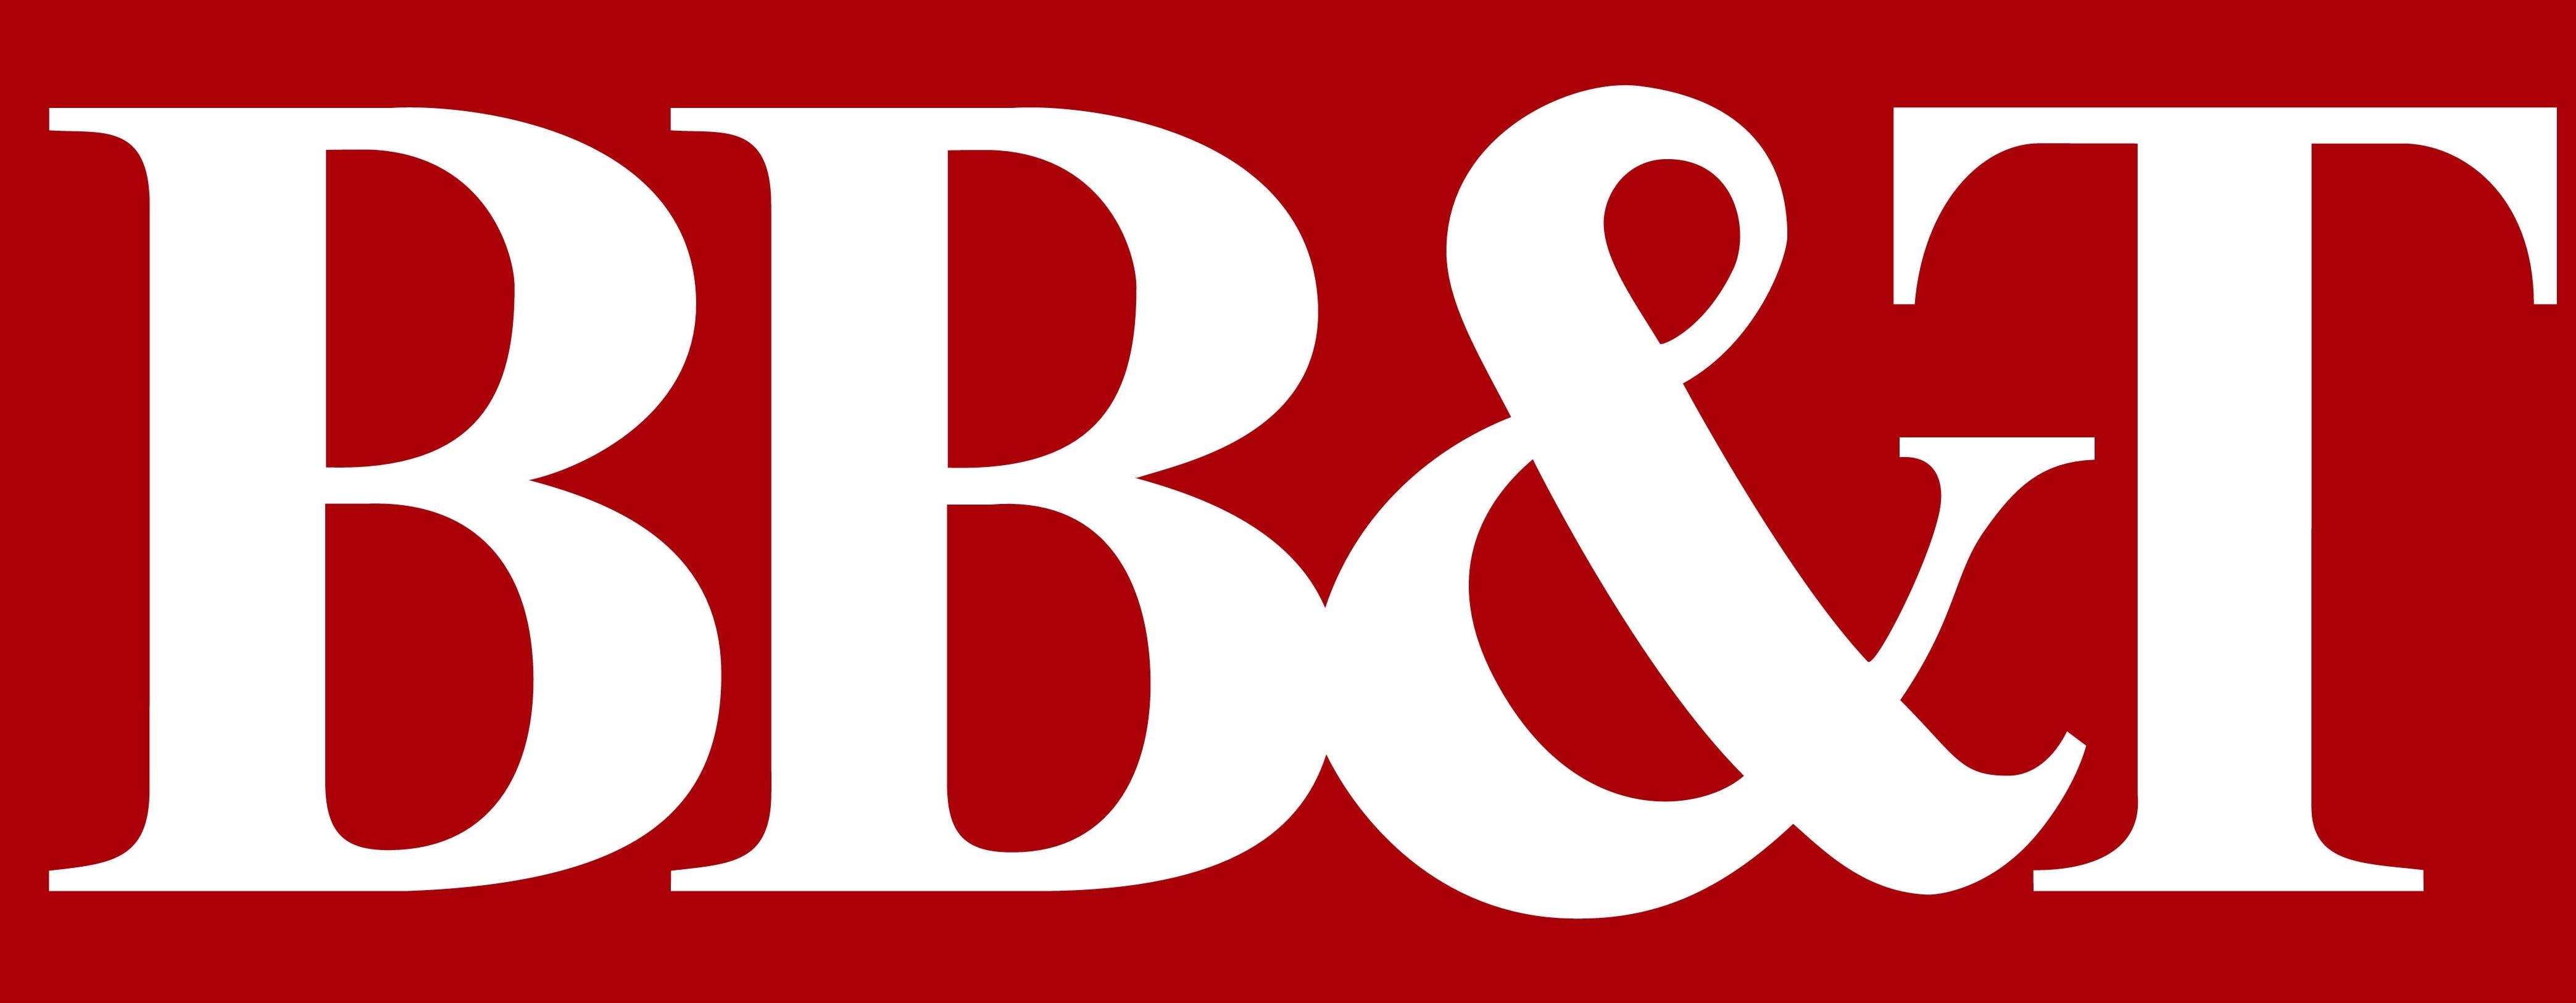 bb&tlogo